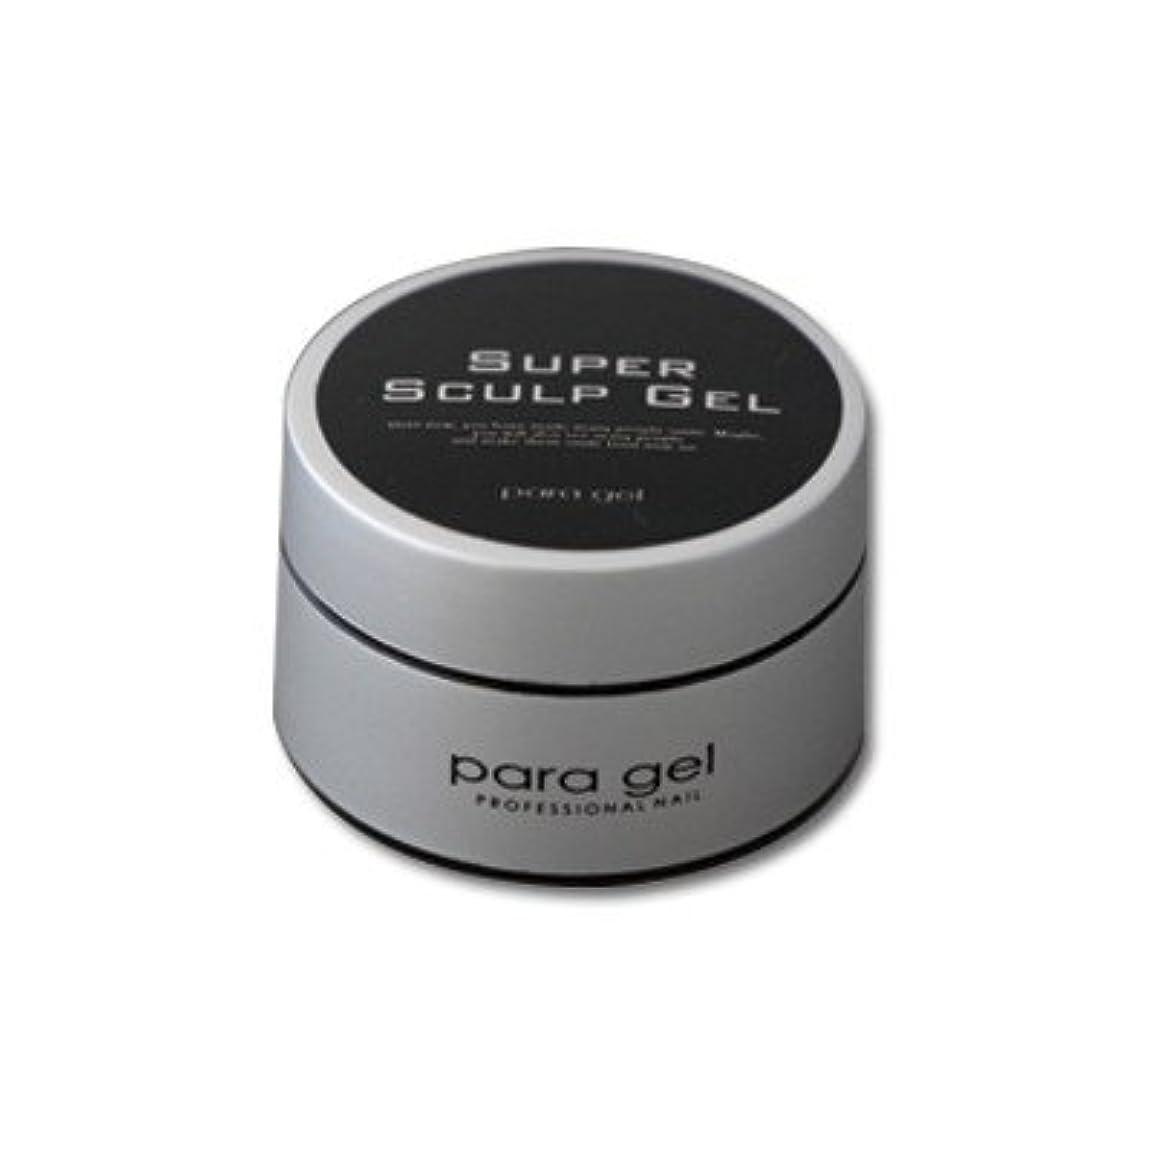 腫瘍湖フライトpara gel(パラジェル) スーパースカルプジェル 10g